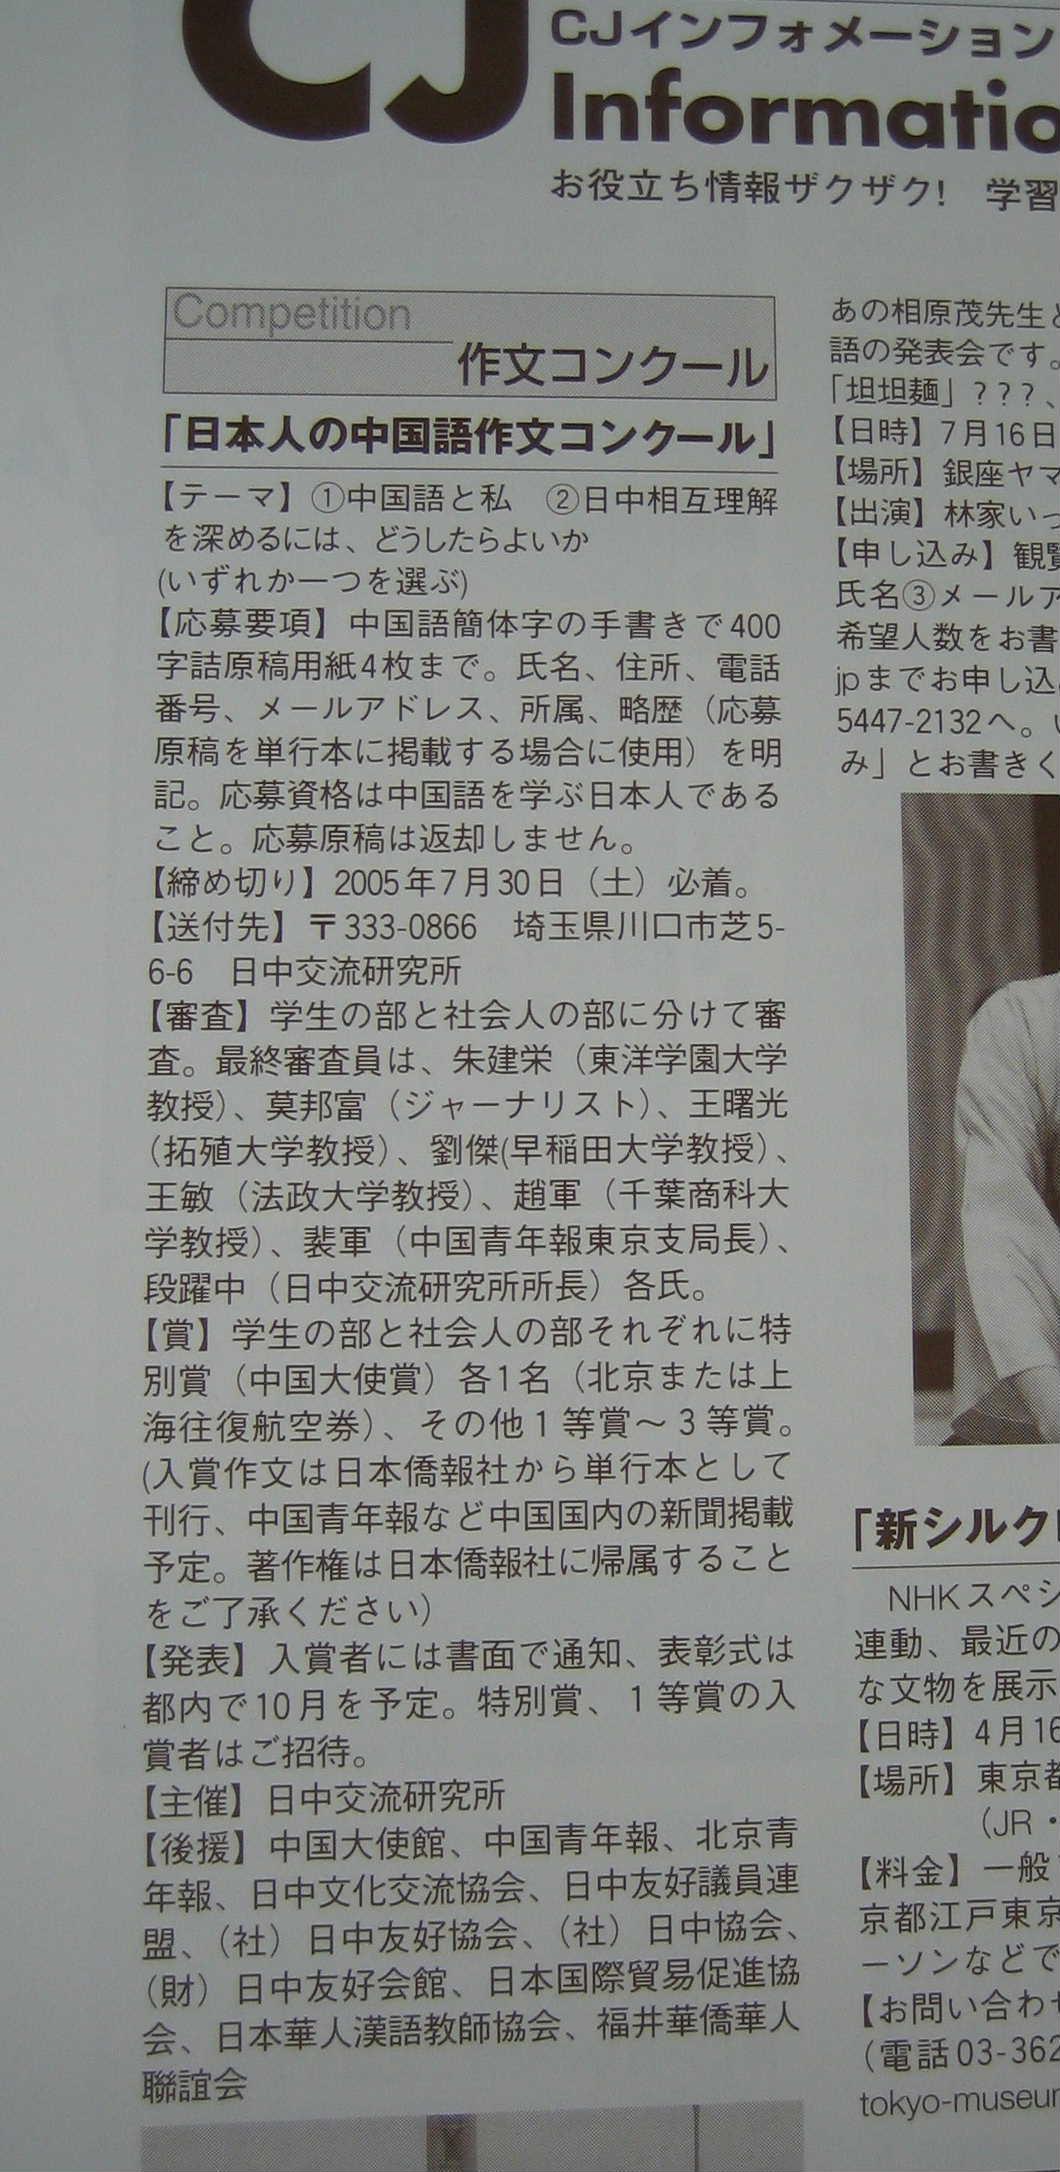 中国語ジャーナル7月号 中国語作文コンクール案内を掲載_d0027795_1458960.jpg